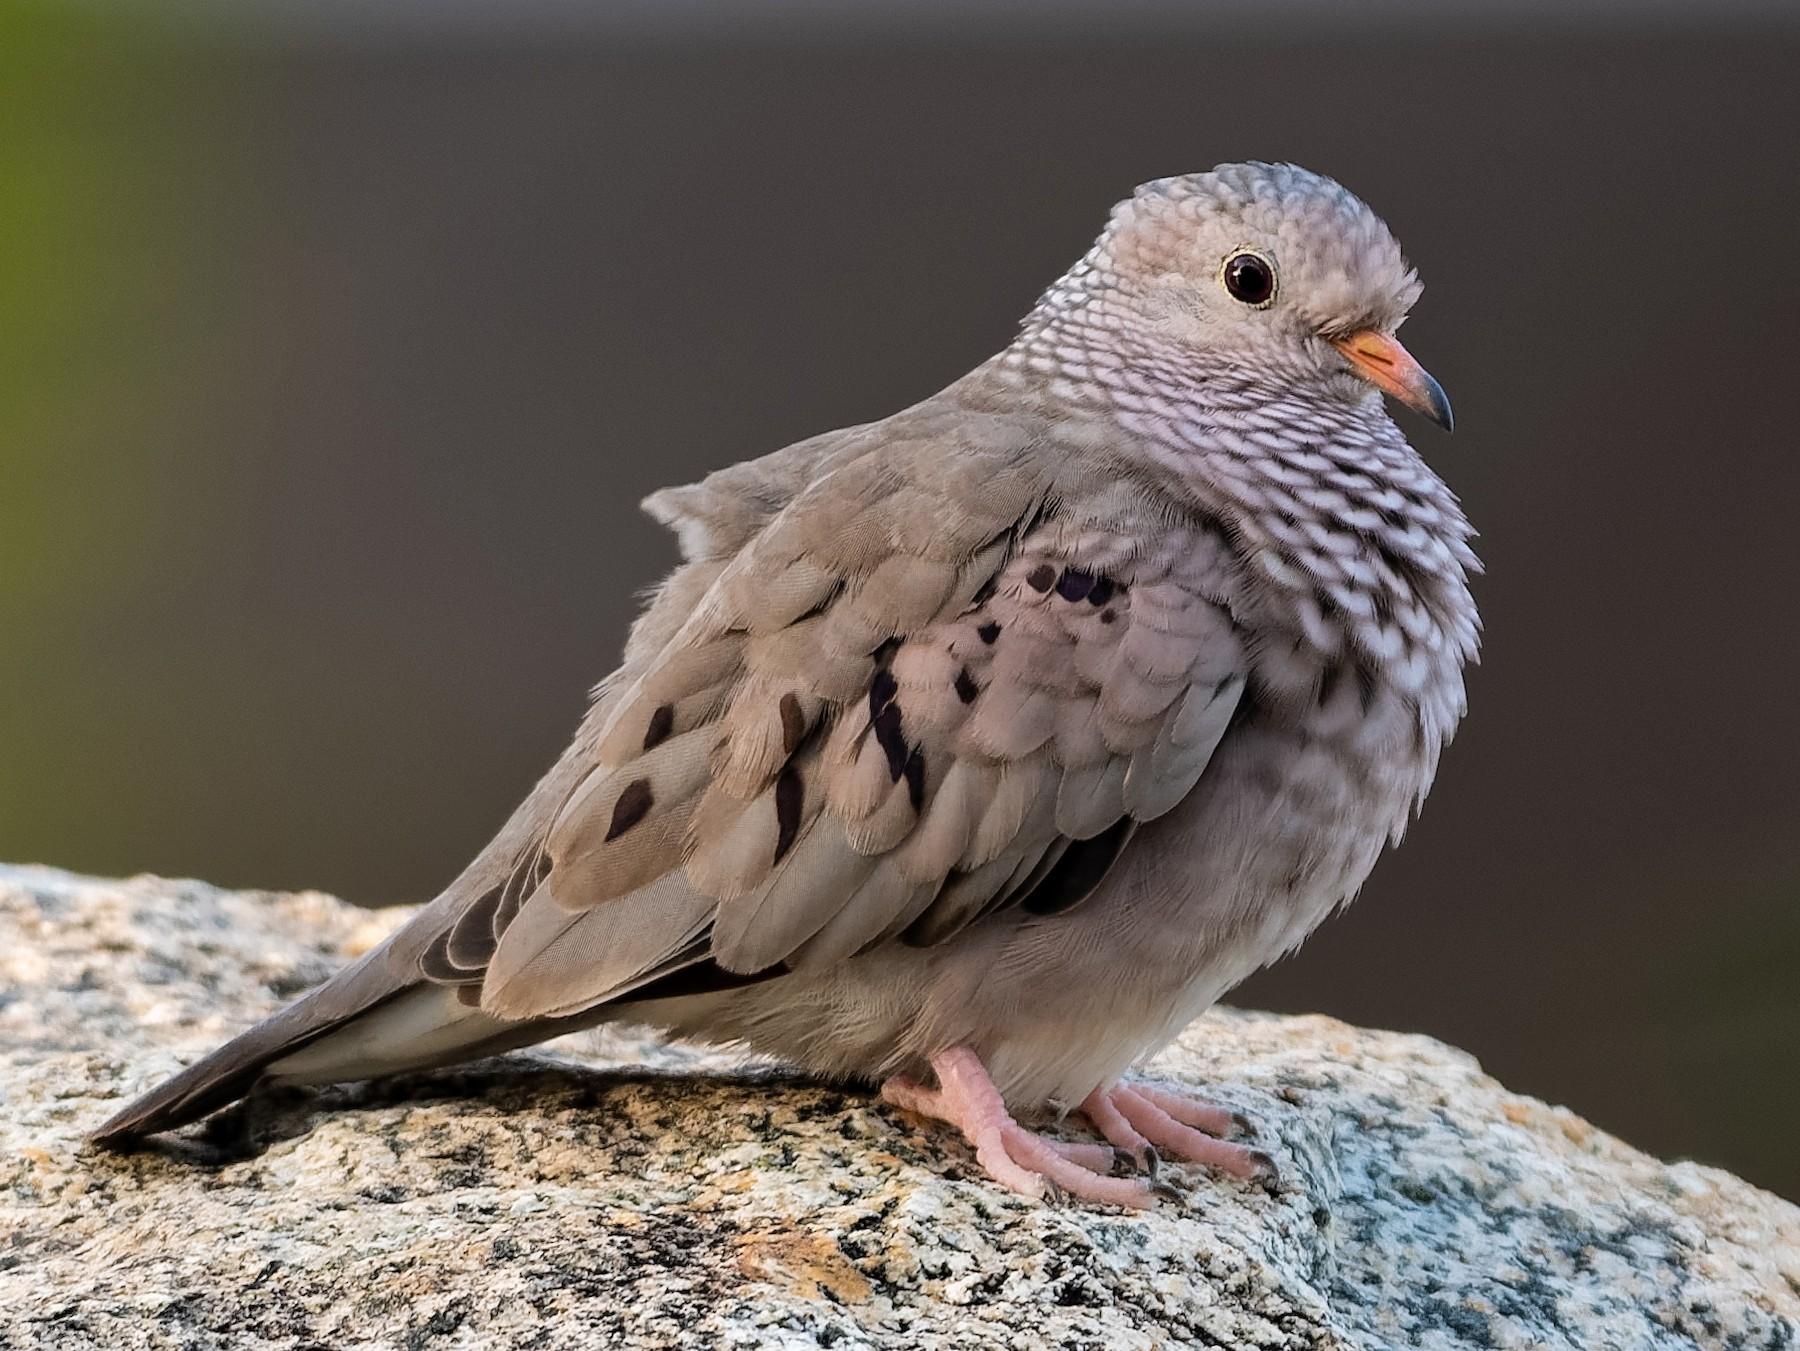 Common Ground Dove - Don Danko